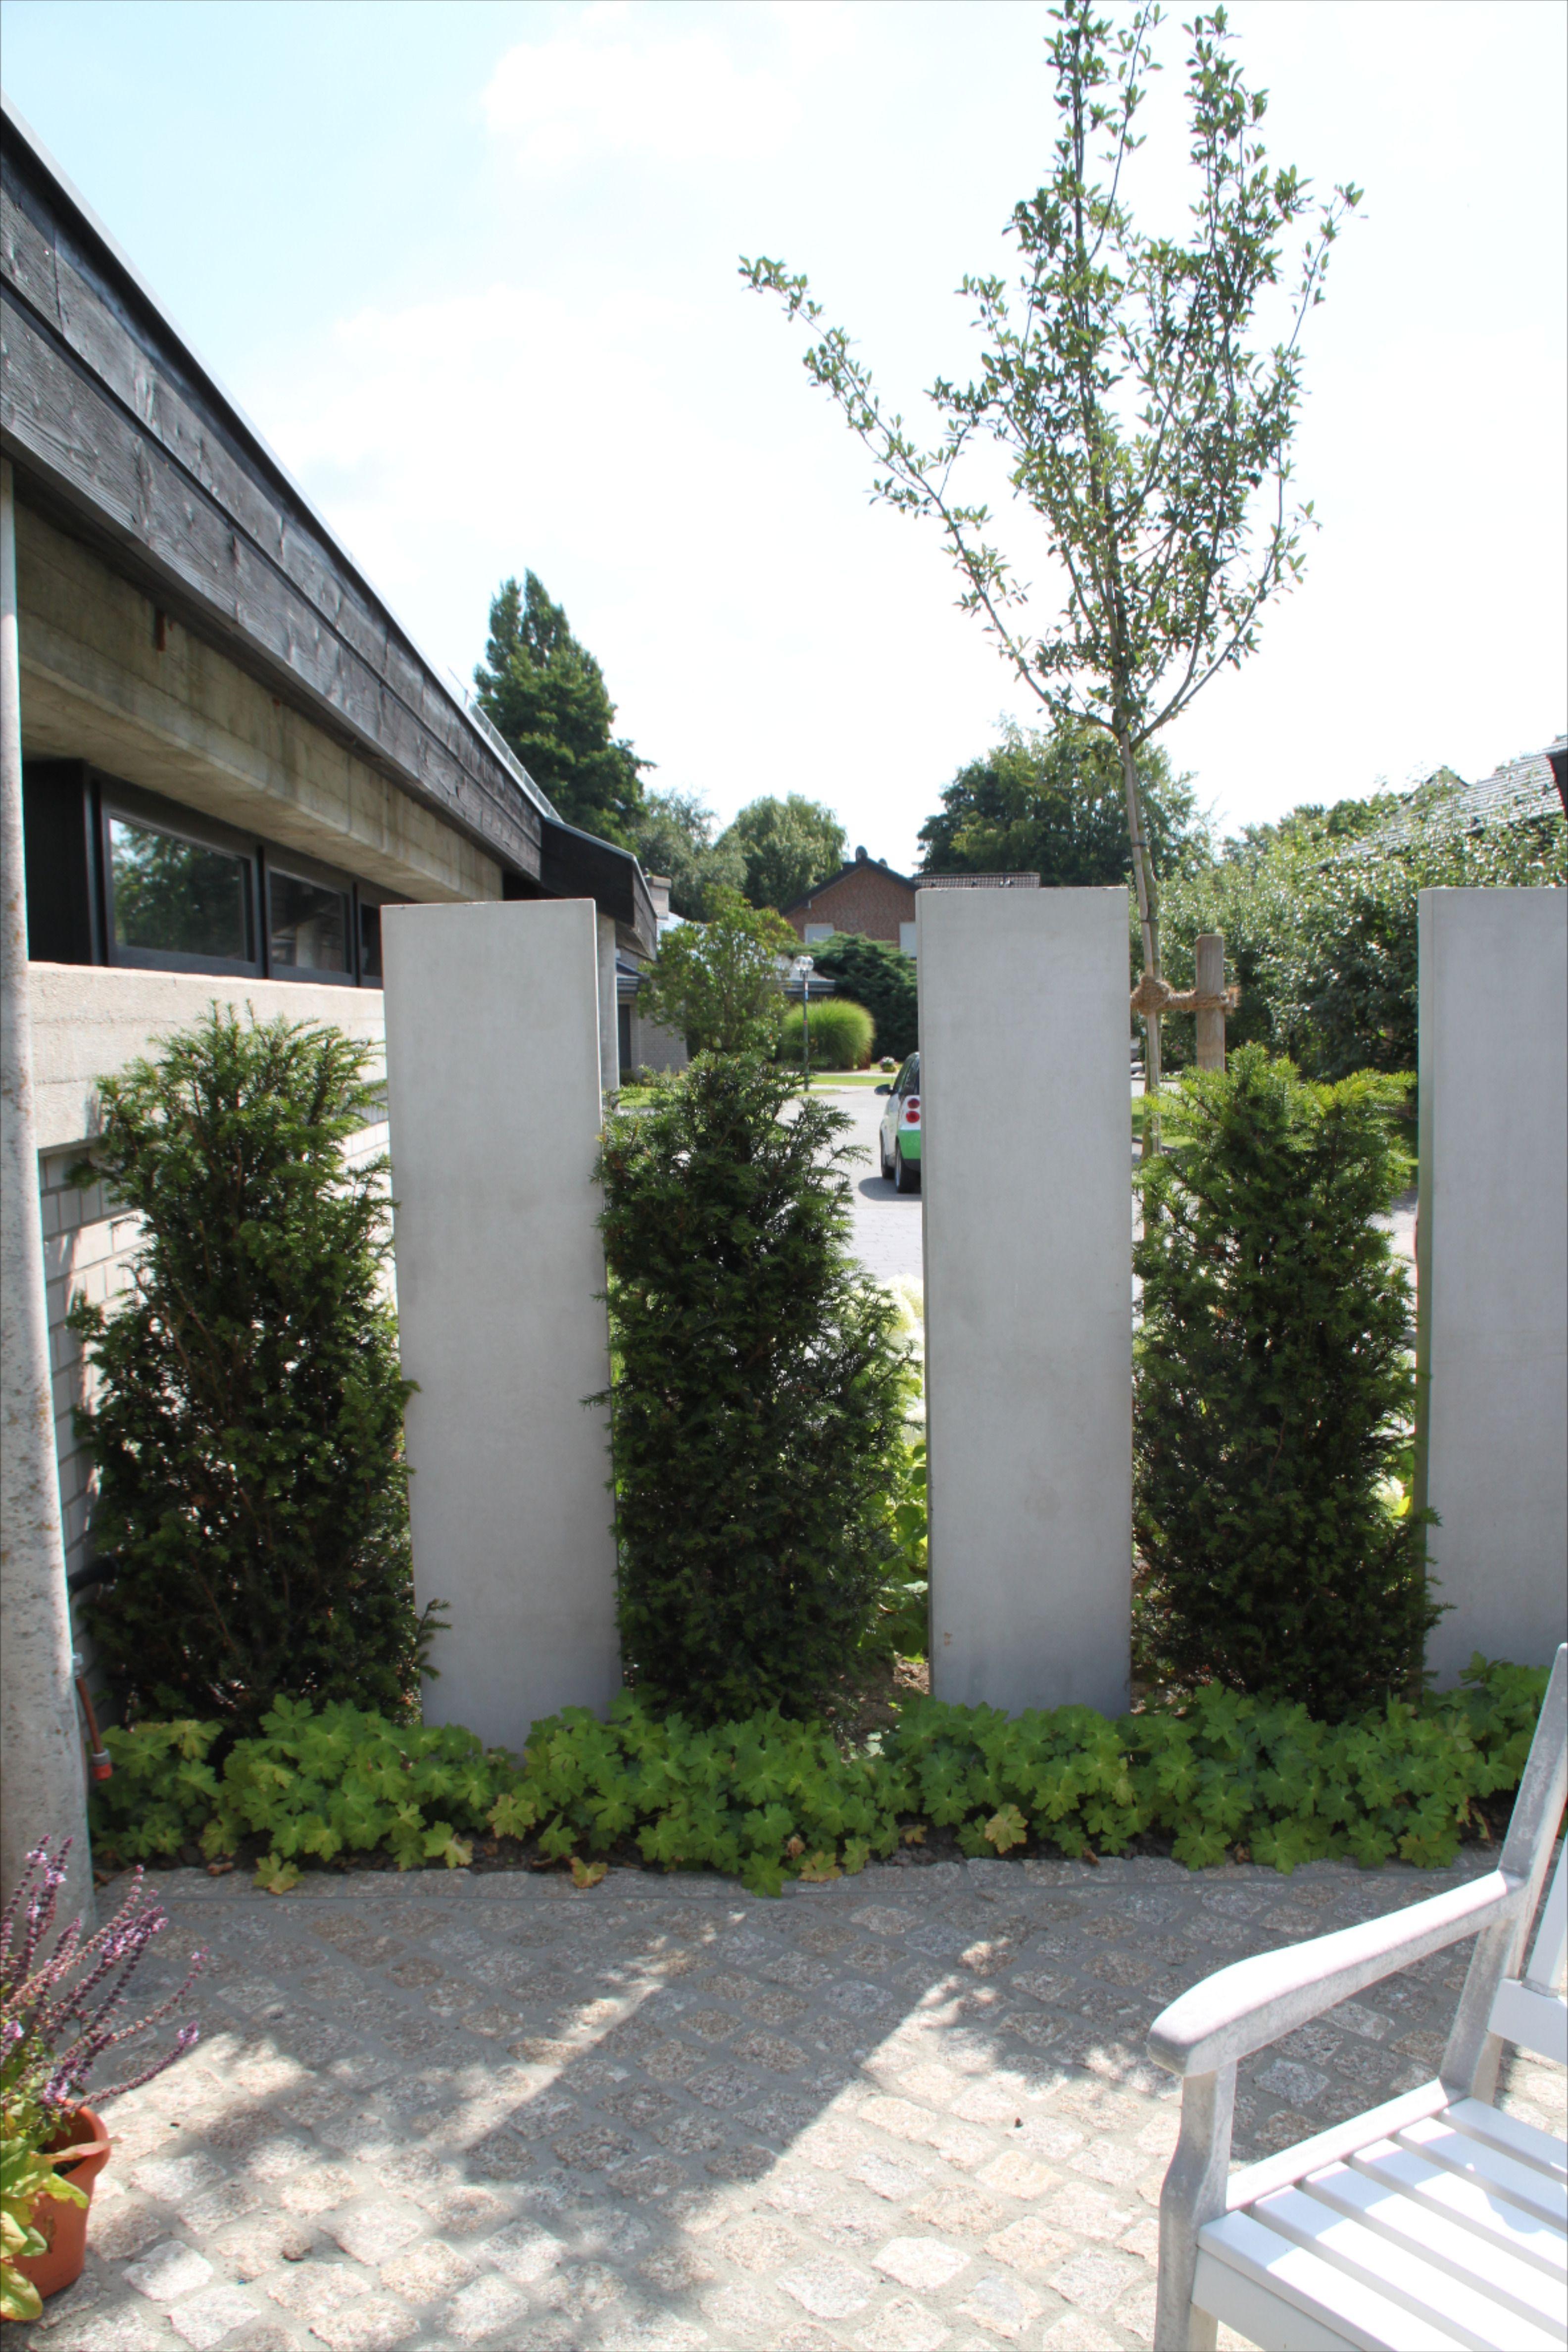 Heckenelemente Mit Sichtbeton Sichtschutzwand Garten Vorgarten Gestalten Garten Landschaftsbau